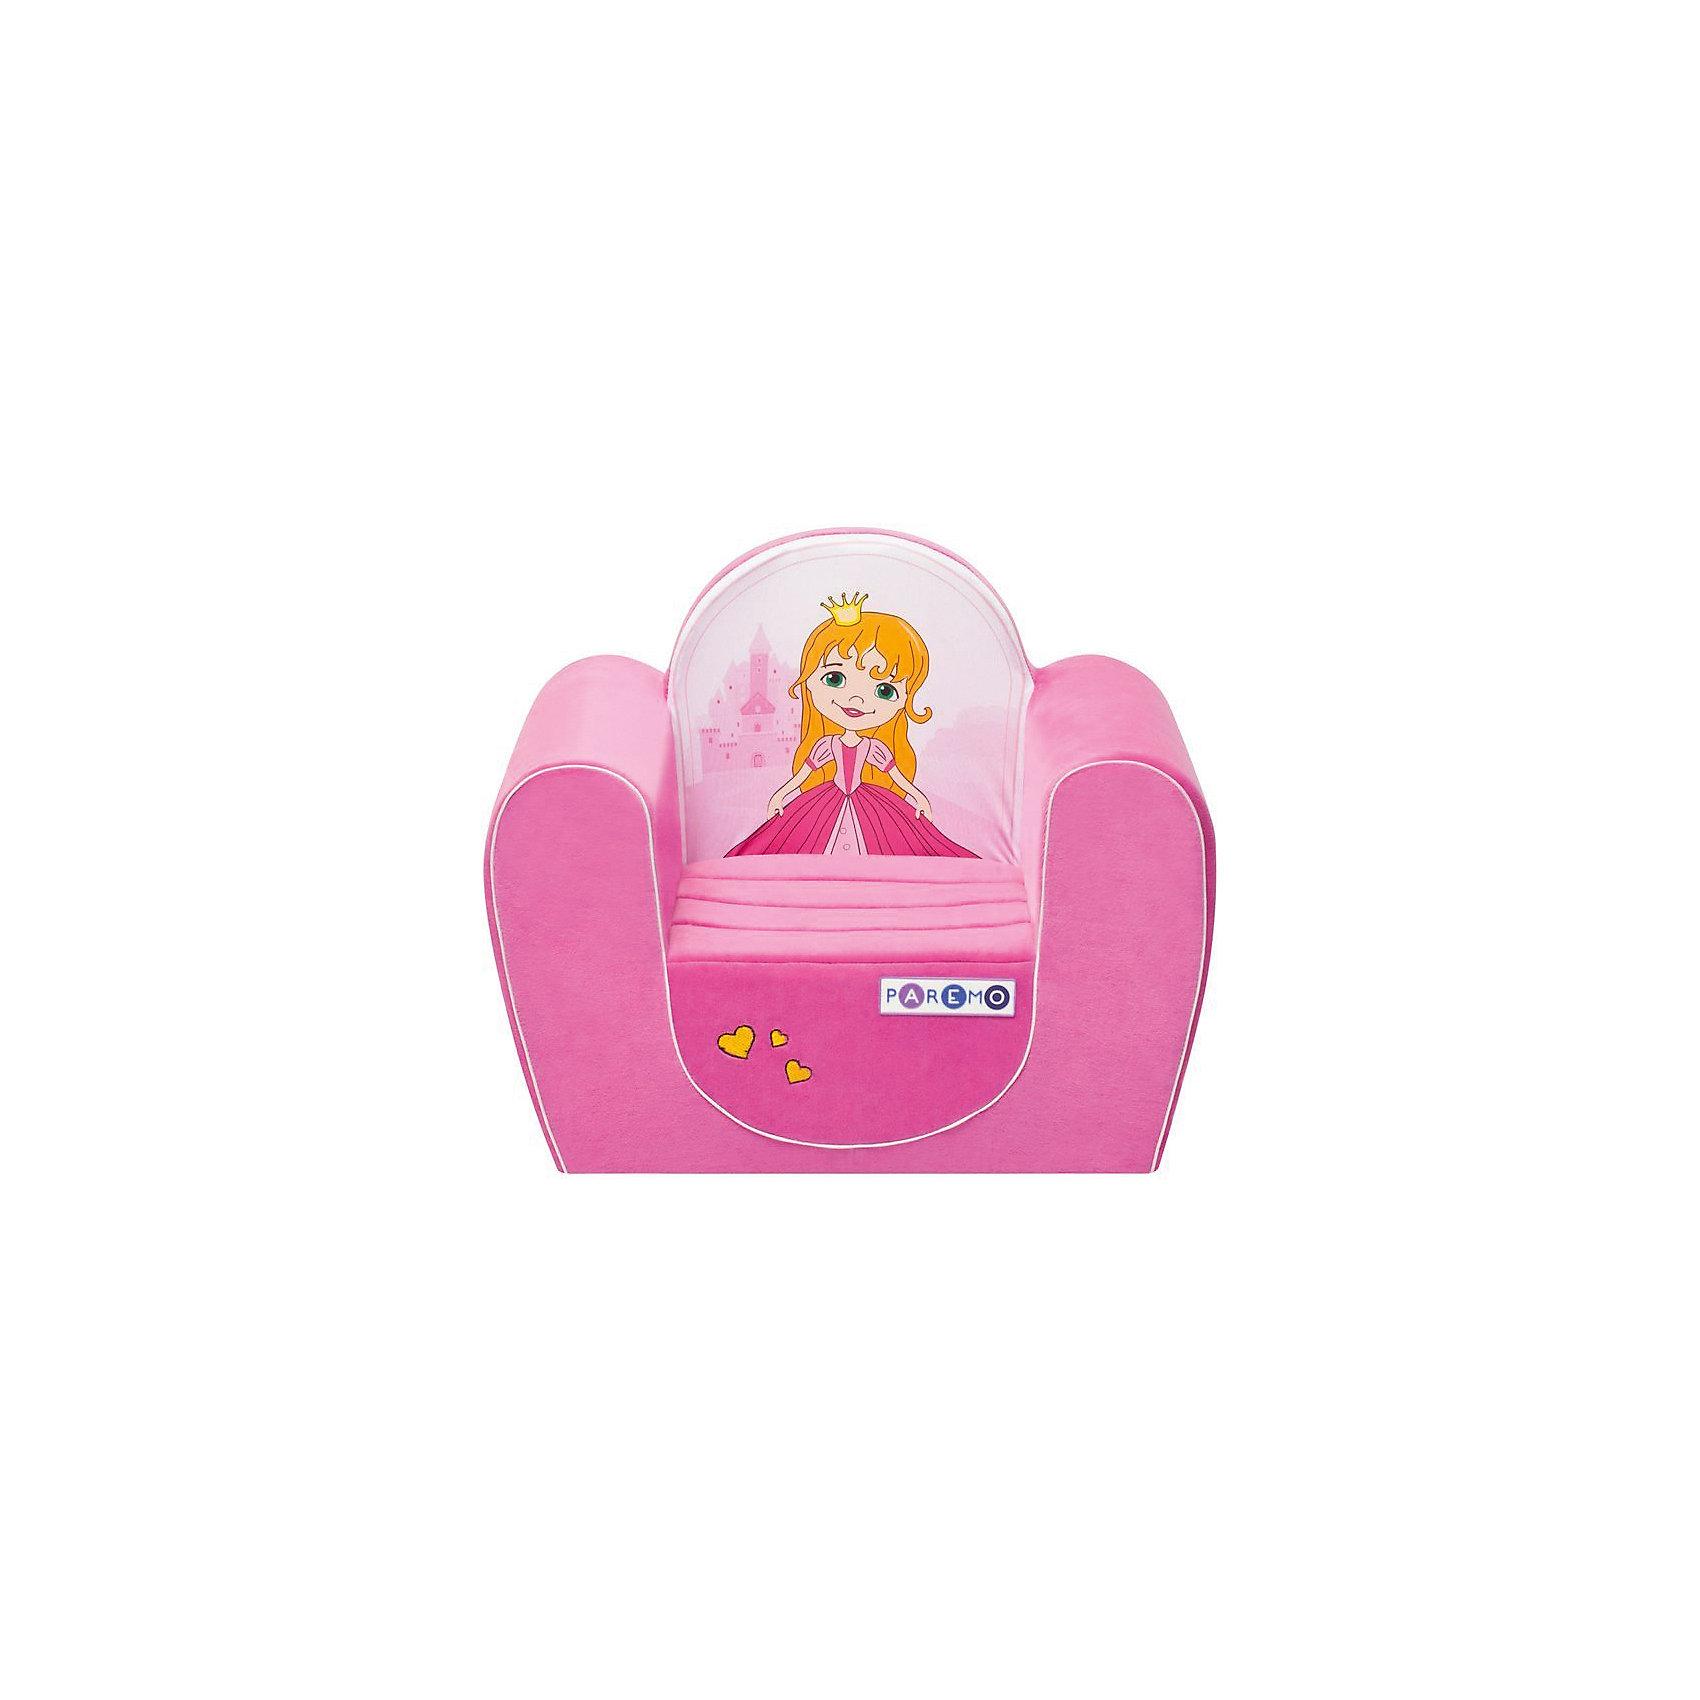 Детское игровое кресло Принцесса, розовый, PAREMOДомики и мебель<br>Детское игровое кресло Принцесса, розовый, PAREMO (ПАРЕМО).<br><br>Характеристики:<br><br>• Размер: 54х45х38 см.<br>• Вес: 3 кг.<br>• Высота от пола до сидения: 18 см.<br>• Размер сидения: 28х26 см.<br>• Материал чехла: велюр, текстиль<br>• Наполнитель: пенополиуретан<br>• Цвет: розовый<br>• Упаковка: пакет<br><br>Яркое детское игровое кресло «Принцесса» с изображением милой принцессы создано для девочек в возрасте от года до четырех лет. Оно имеет бескаркасную, абсолютно безопасную конструкцию. Острые углы отсутствуют. Мягкое и эргономичное сидение принимает нужную форму под весом ребенка, что делает кресло максимально комфортным. Высота от пола до сидения составляет 18 см, поэтому даже самым маленьким будет удобно садиться в кресло. <br><br>Мягкий чехол приятен на ощупь. Он легко снимается и при необходимости стирается в режиме деликатной стирки при температуре до 30 градусов. Кресло идеально впишется в любой уголок детской комнаты. Оно создаст дополнительное место для игр и станет удобным, укромным местечком, где ваша малышка сможет отдохнуть. Сделано в России!<br><br>Детское игровое кресло Принцесса, розовое, PAREMO (ПАРЕМО) можно купить в нашем интернет-магазине.<br><br>Ширина мм: 540<br>Глубина мм: 450<br>Высота мм: 380<br>Вес г: 3000<br>Возраст от месяцев: 12<br>Возраст до месяцев: 120<br>Пол: Женский<br>Возраст: Детский<br>SKU: 5482292